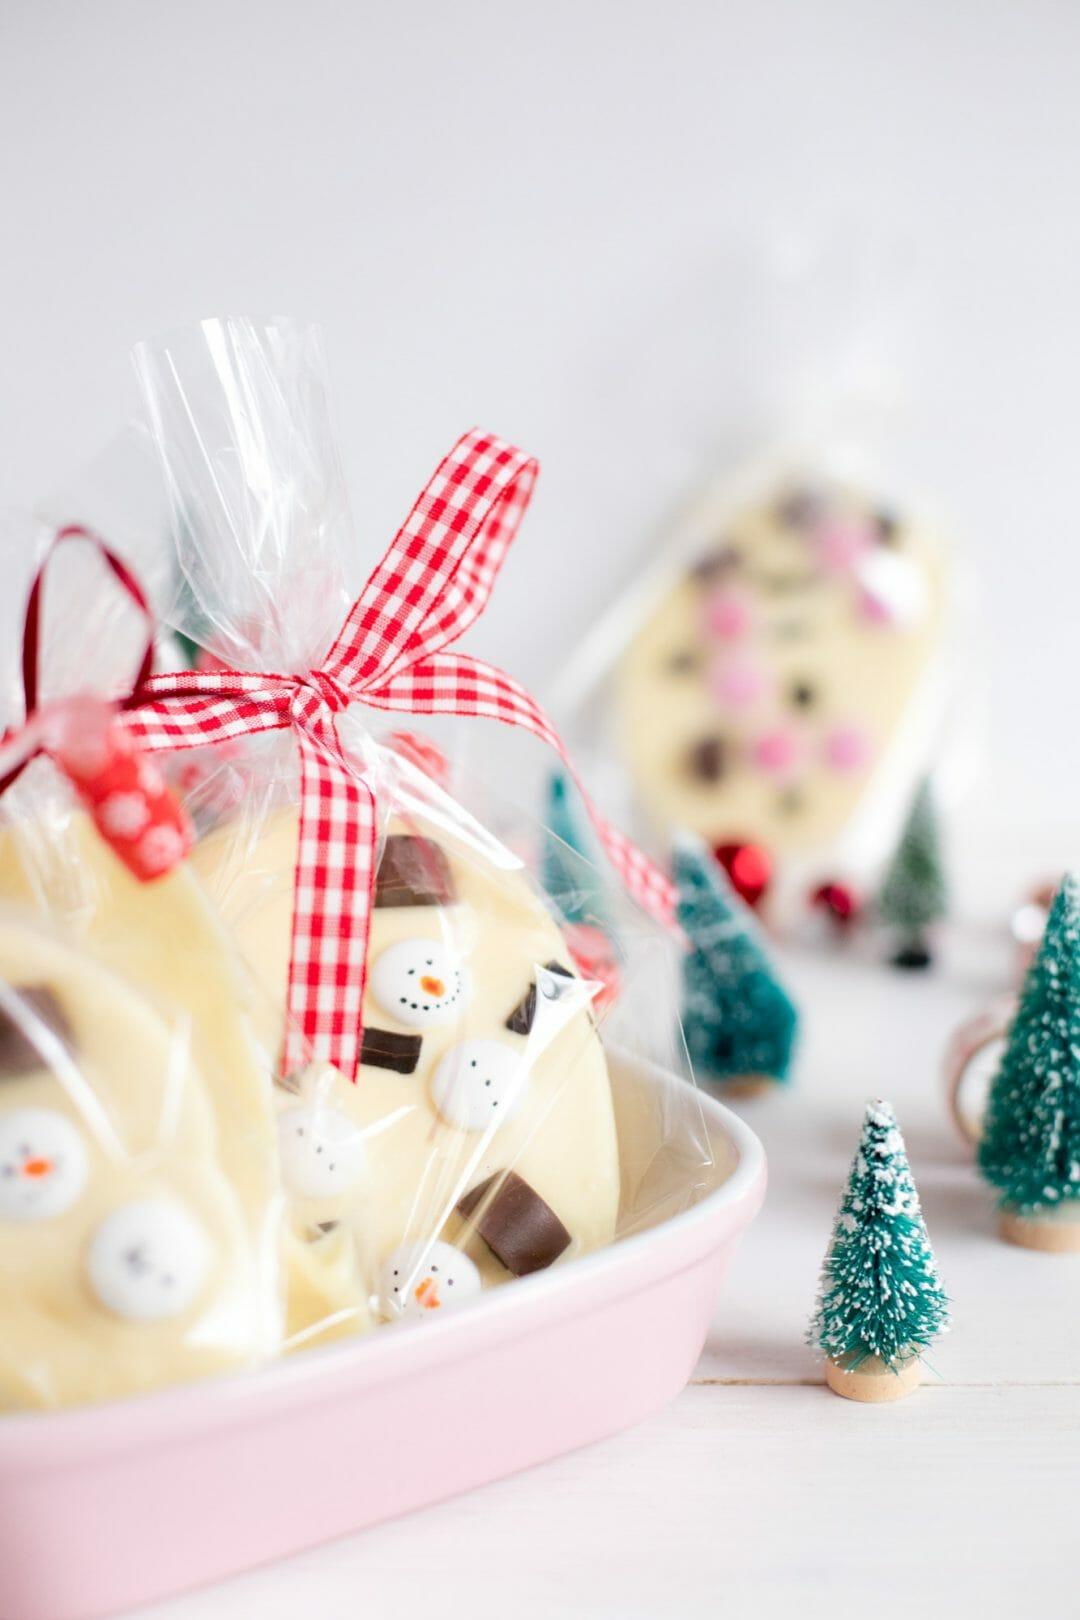 Weihnachtsgeschenke Pinterest.Kleine Geschenke Zu Weihnachten Pinterest 14 Geschenke 2019 02 27